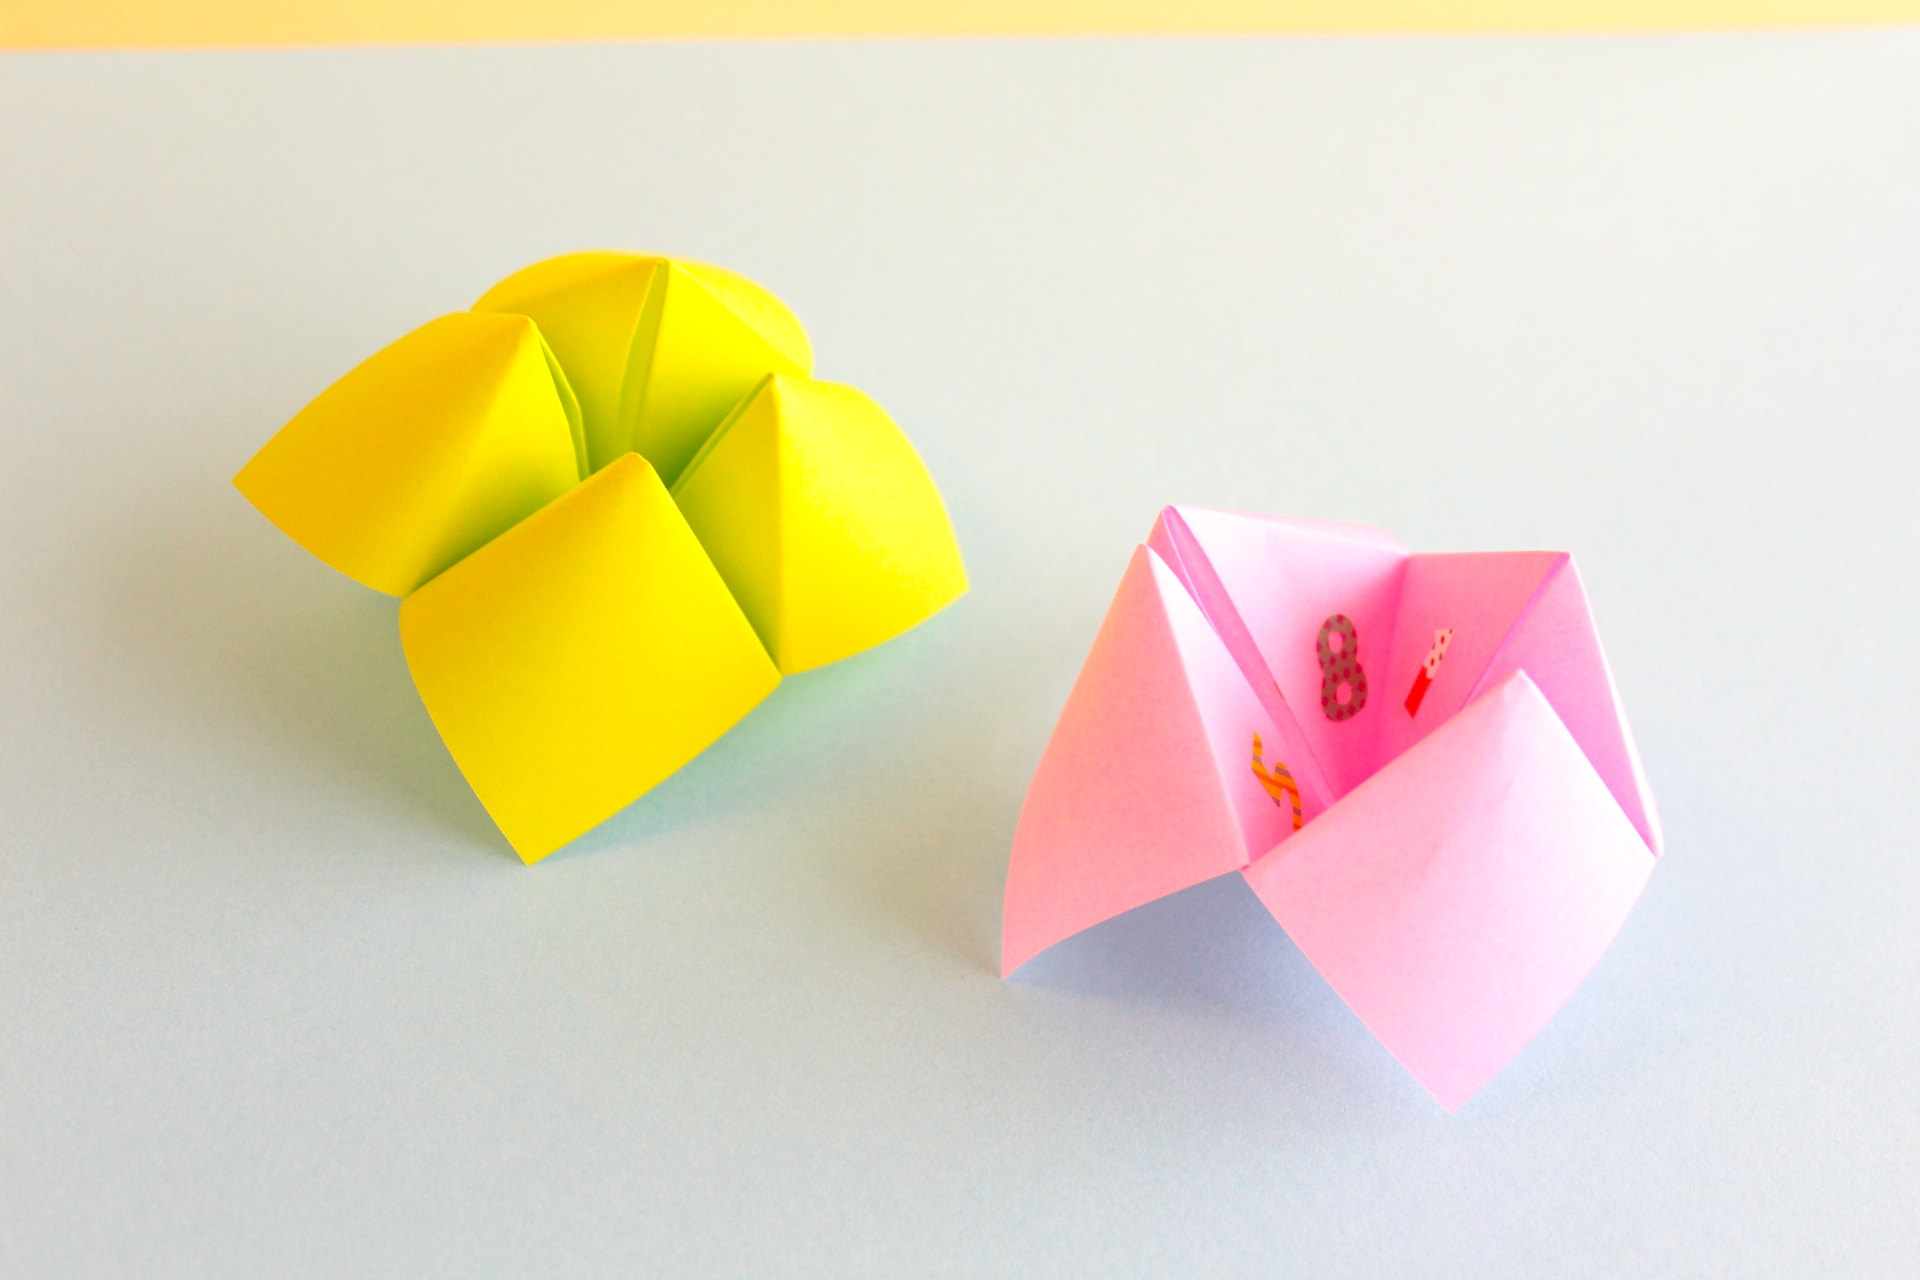 折り紙でパクパクの作り方と遊び方